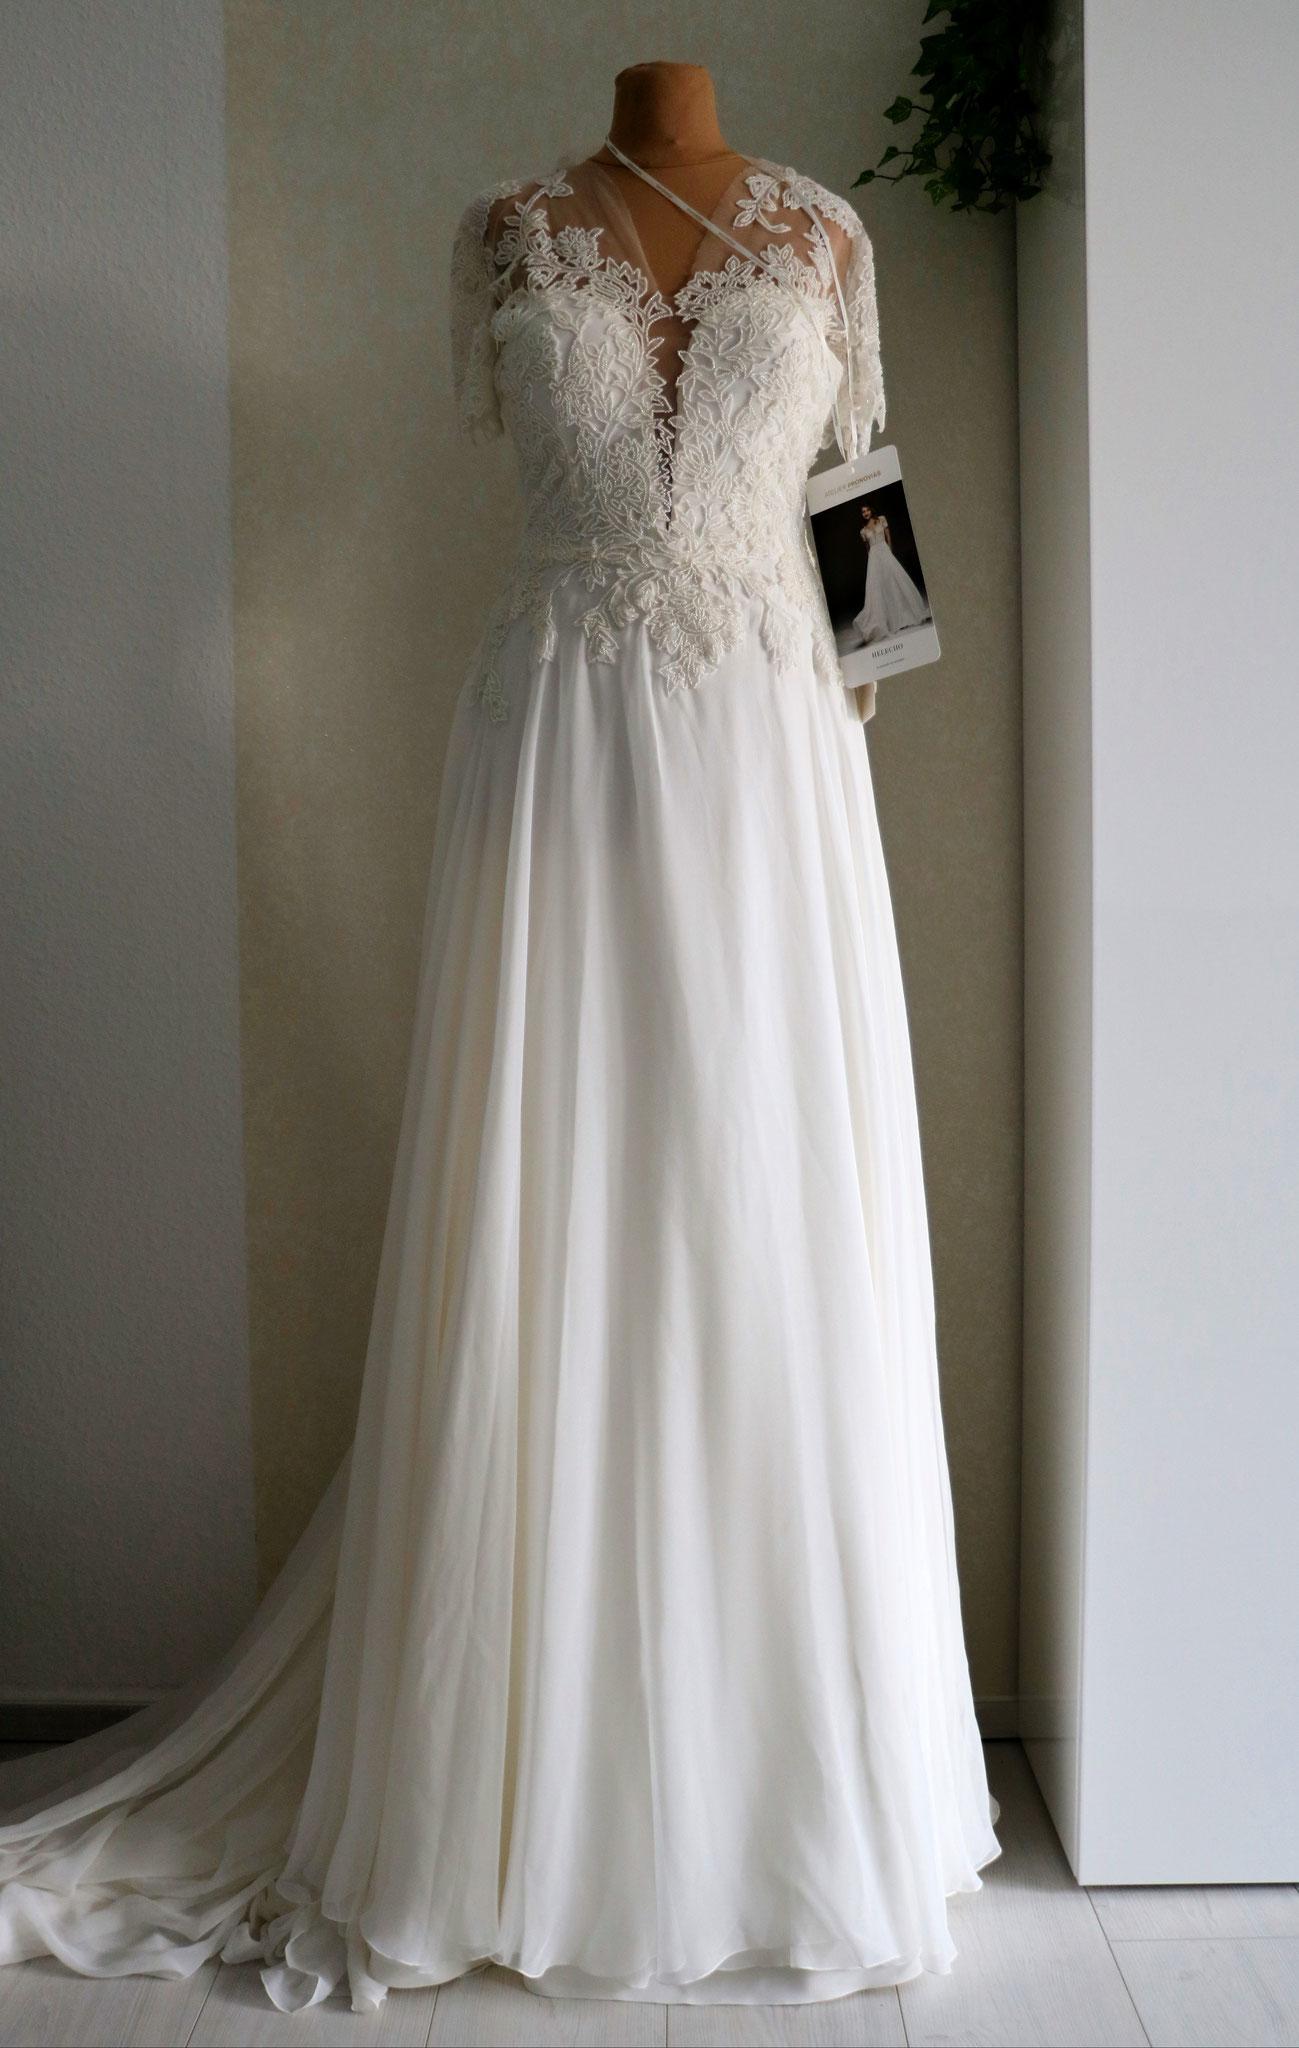 Luxus pur Brautkleider über 5.5 Euro - mari-mes Webseite!